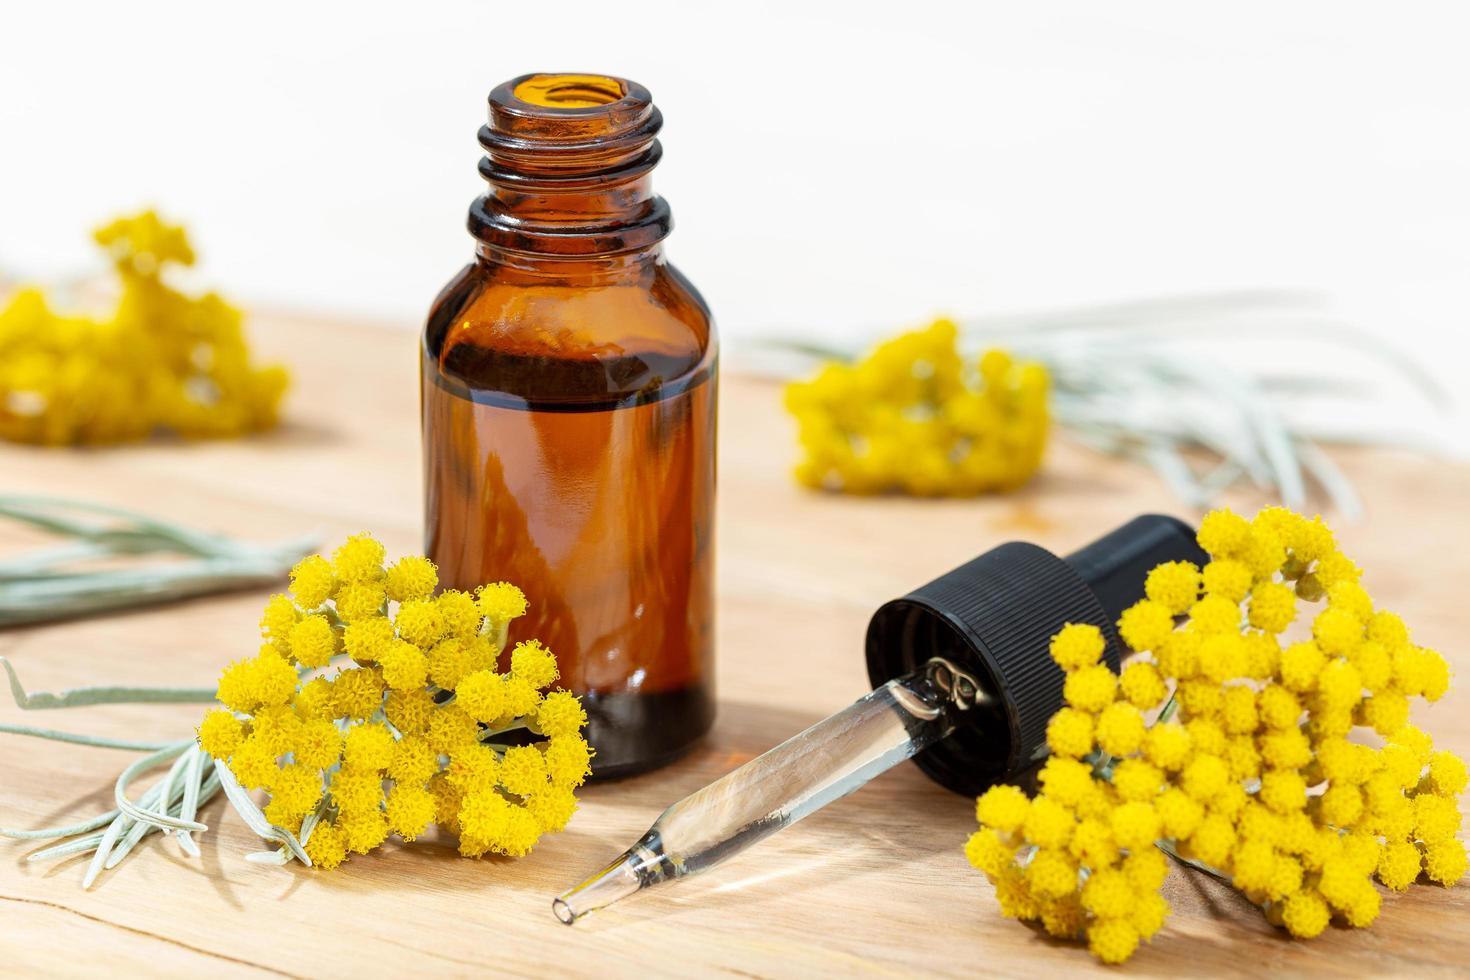 aceite esencial de helichrysum en botella ámbar y pipeta foto